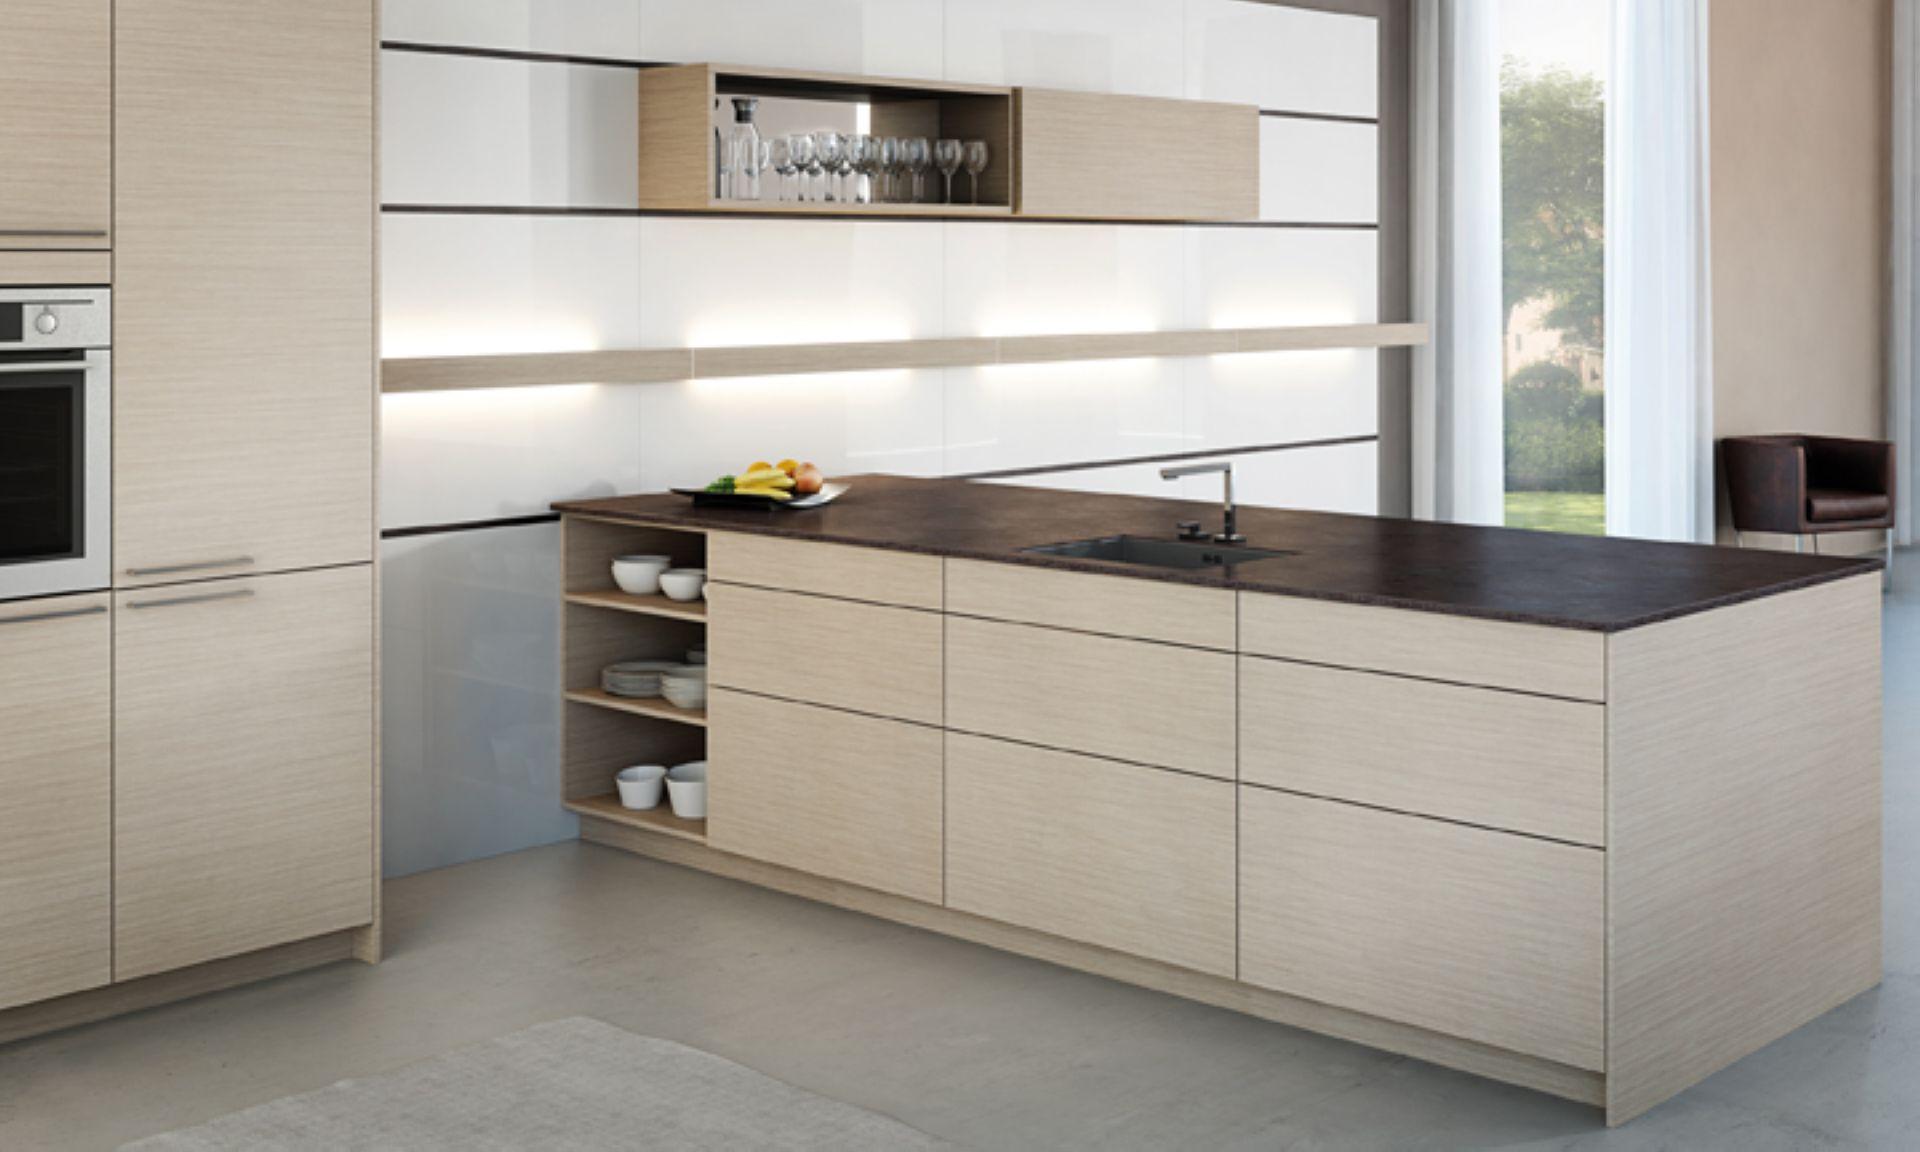 Arbeitsplatte Küche Weiß   dockarm.com